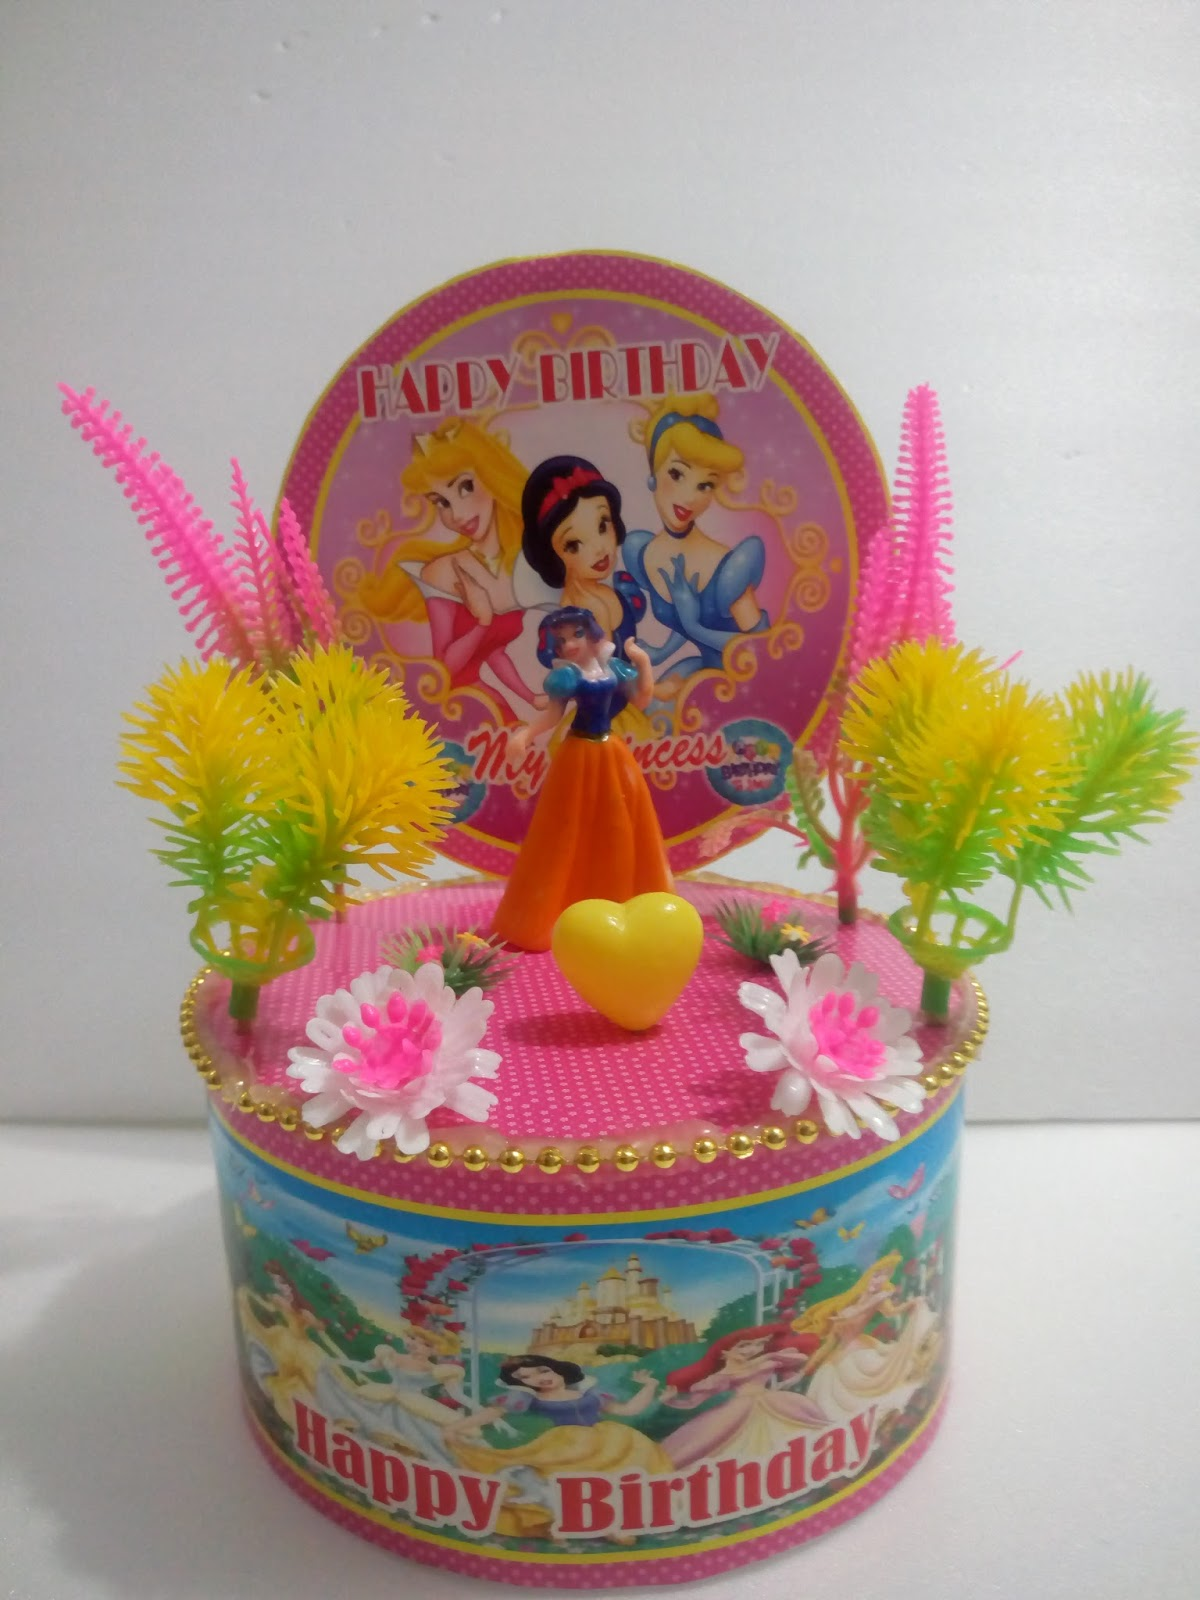 Hiasan Kue Ulang Tahun Dummy Background Kue Ulang Tahun